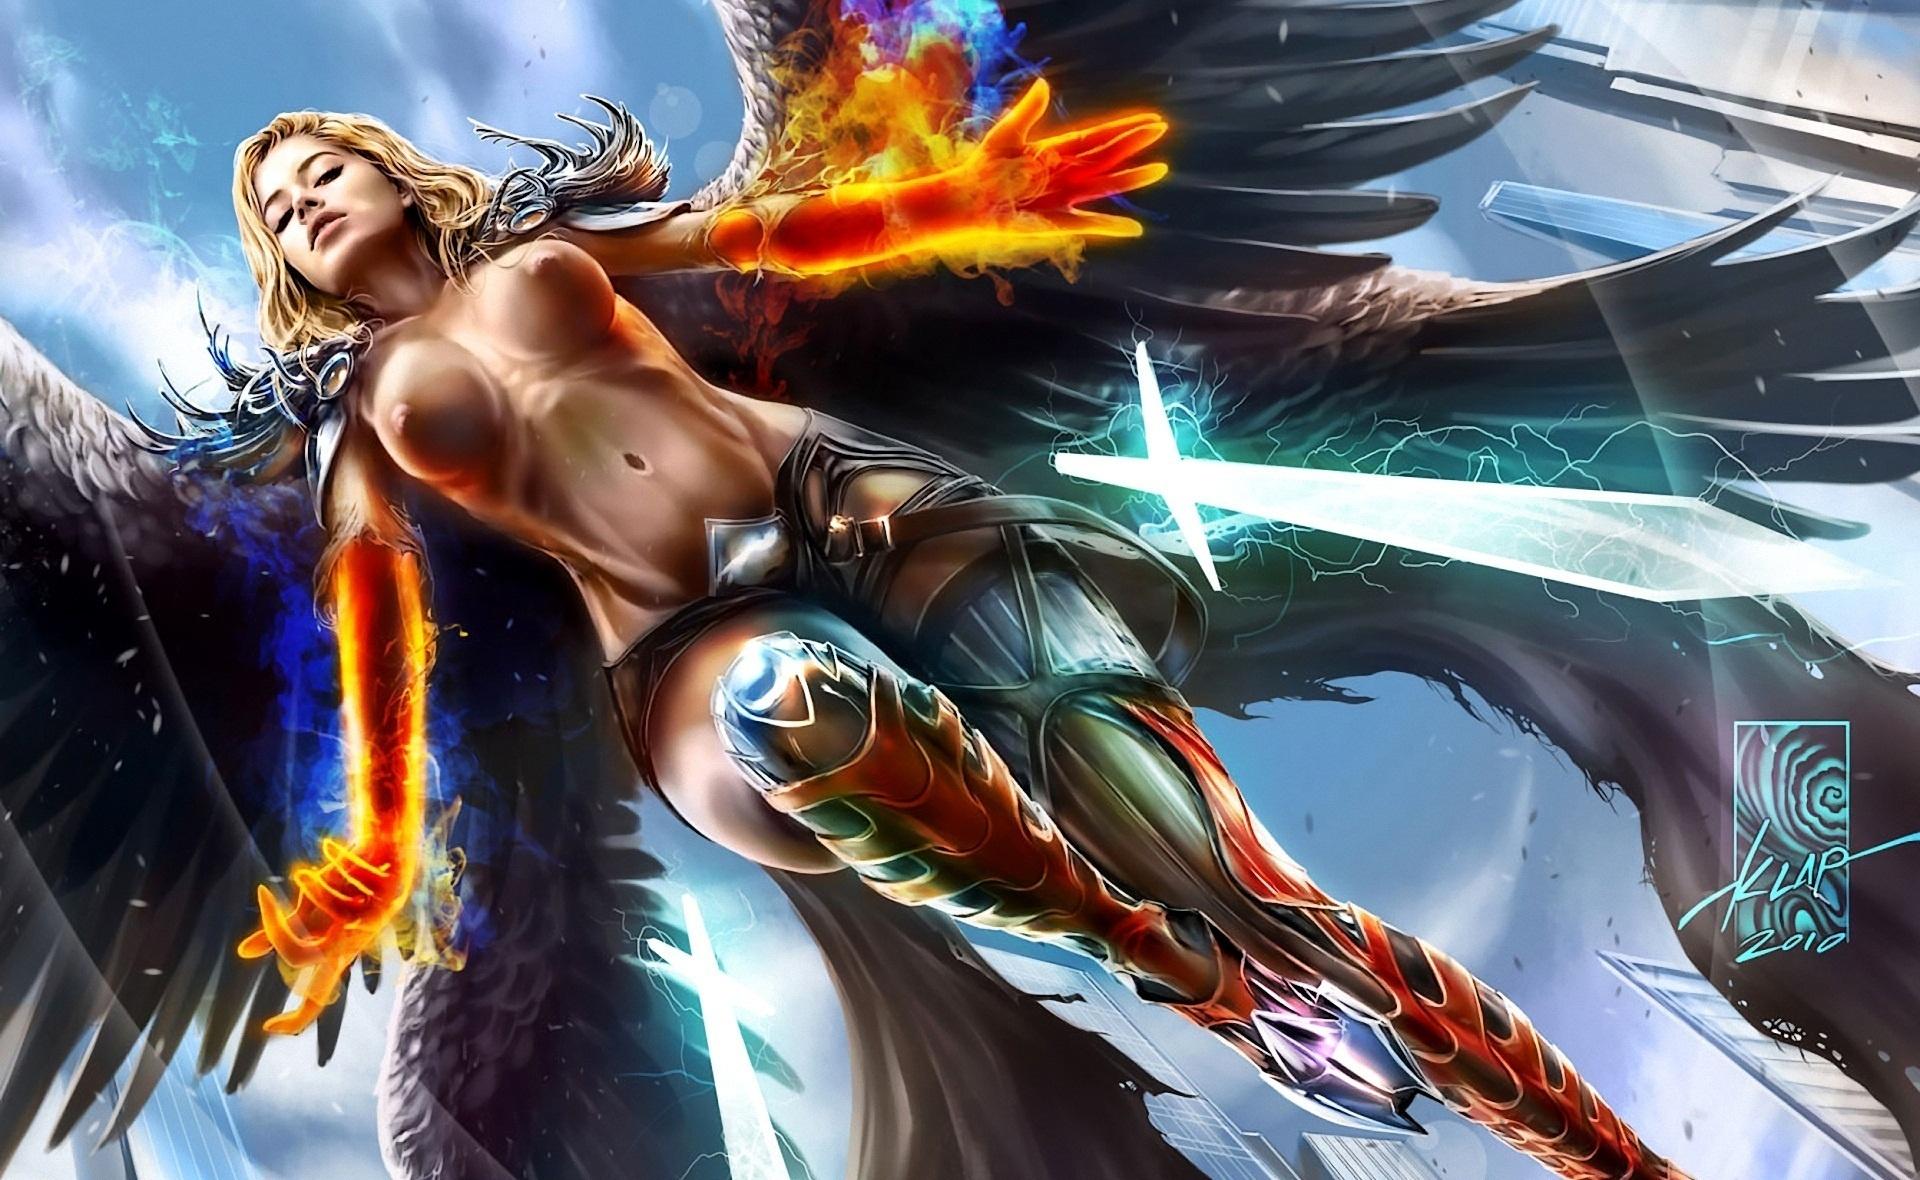 Nude science fiction fantasy pics nude gallery